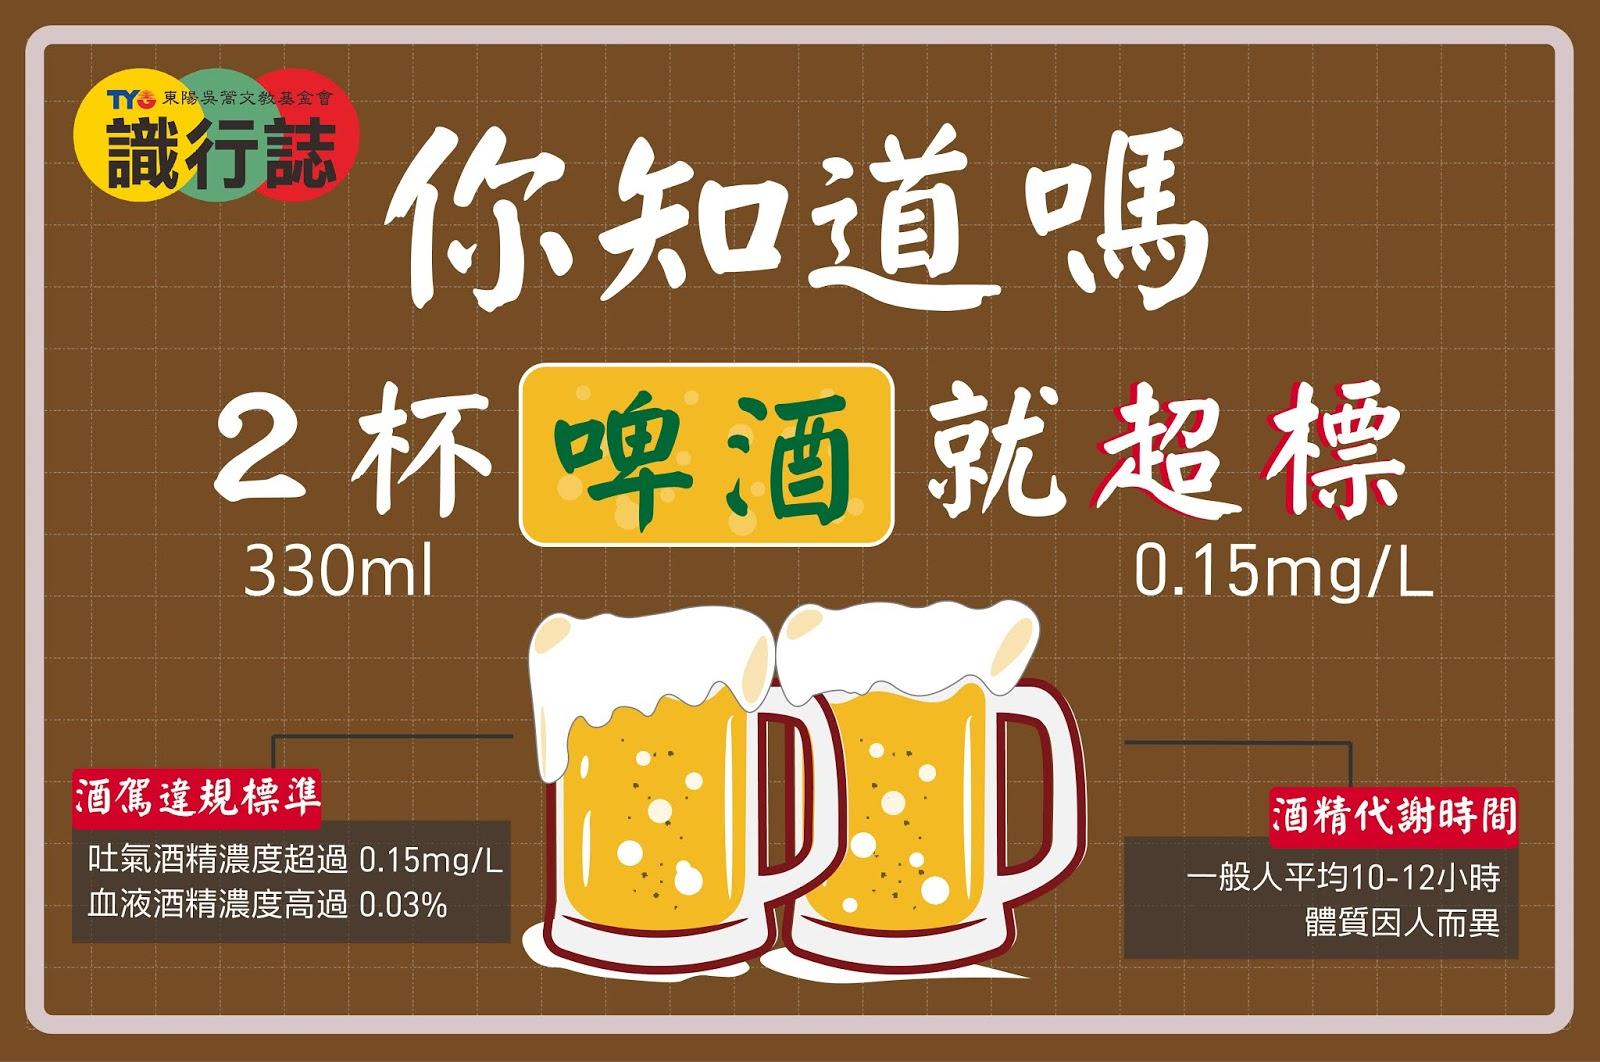 2019酒駕新制-你知道嗎,2杯啤酒就超標?酒駕檢測標準